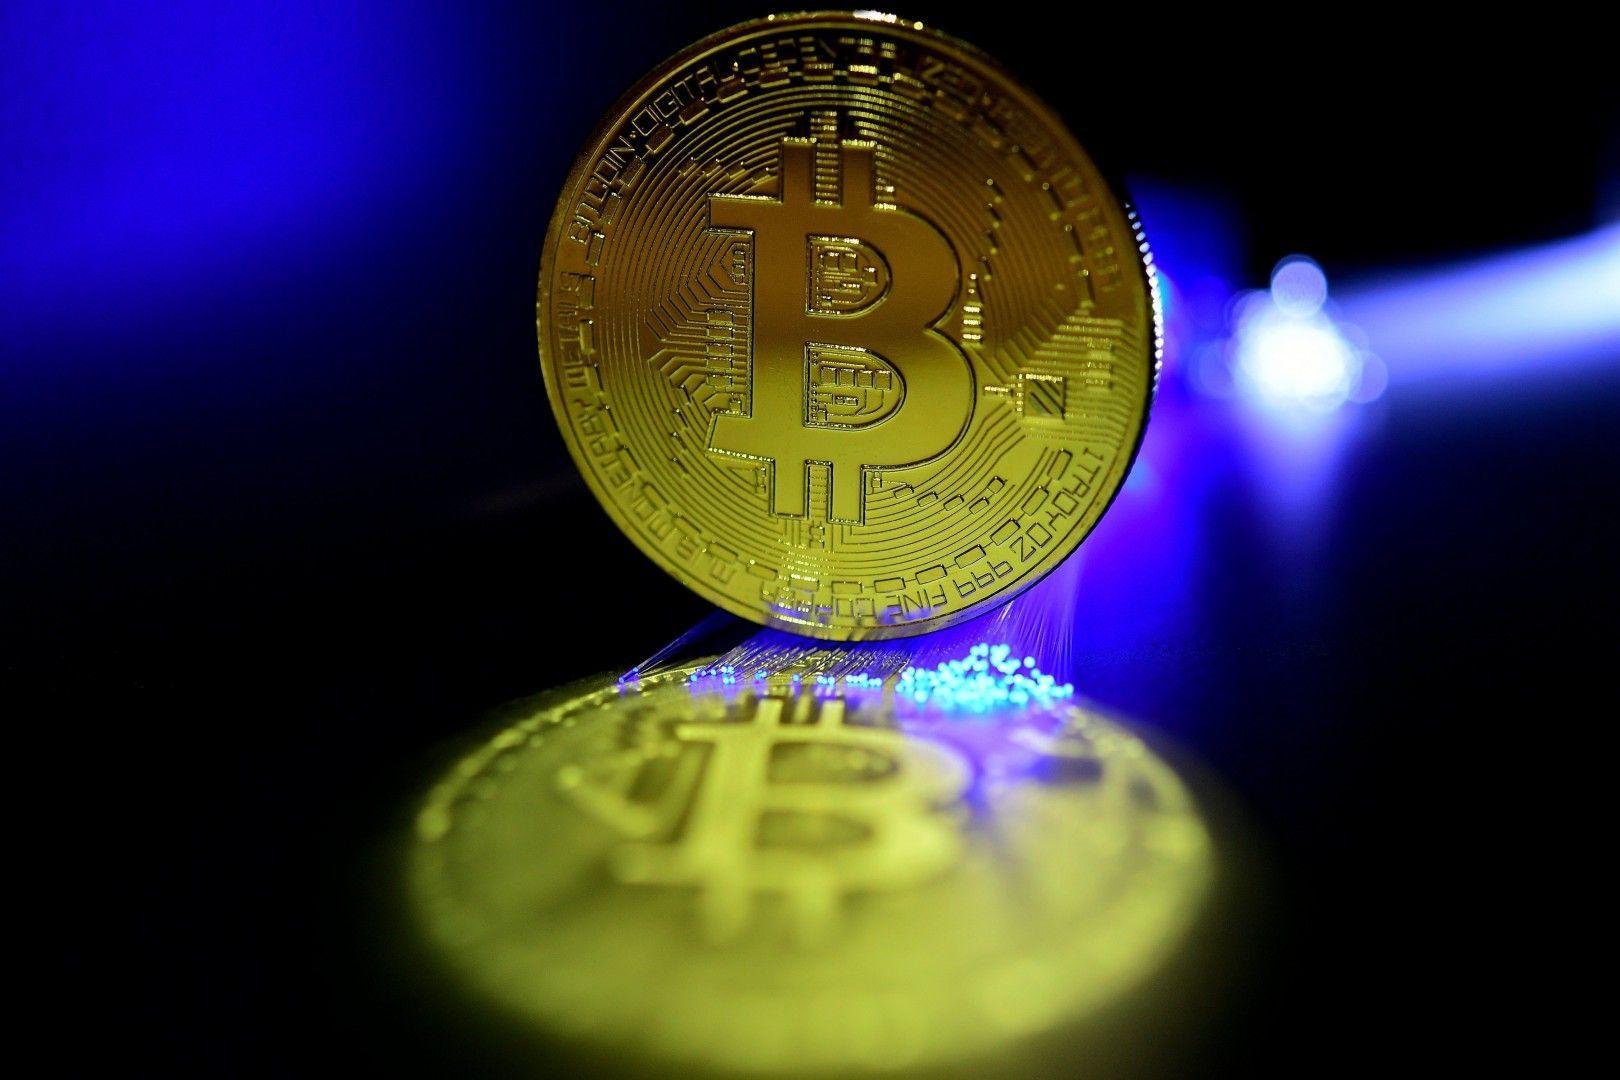 Bitcoin no es un nuevo tipo de dinero, sino un nuevo mecanismo de intercambio, afirma la Reserva Federal de Nueva York